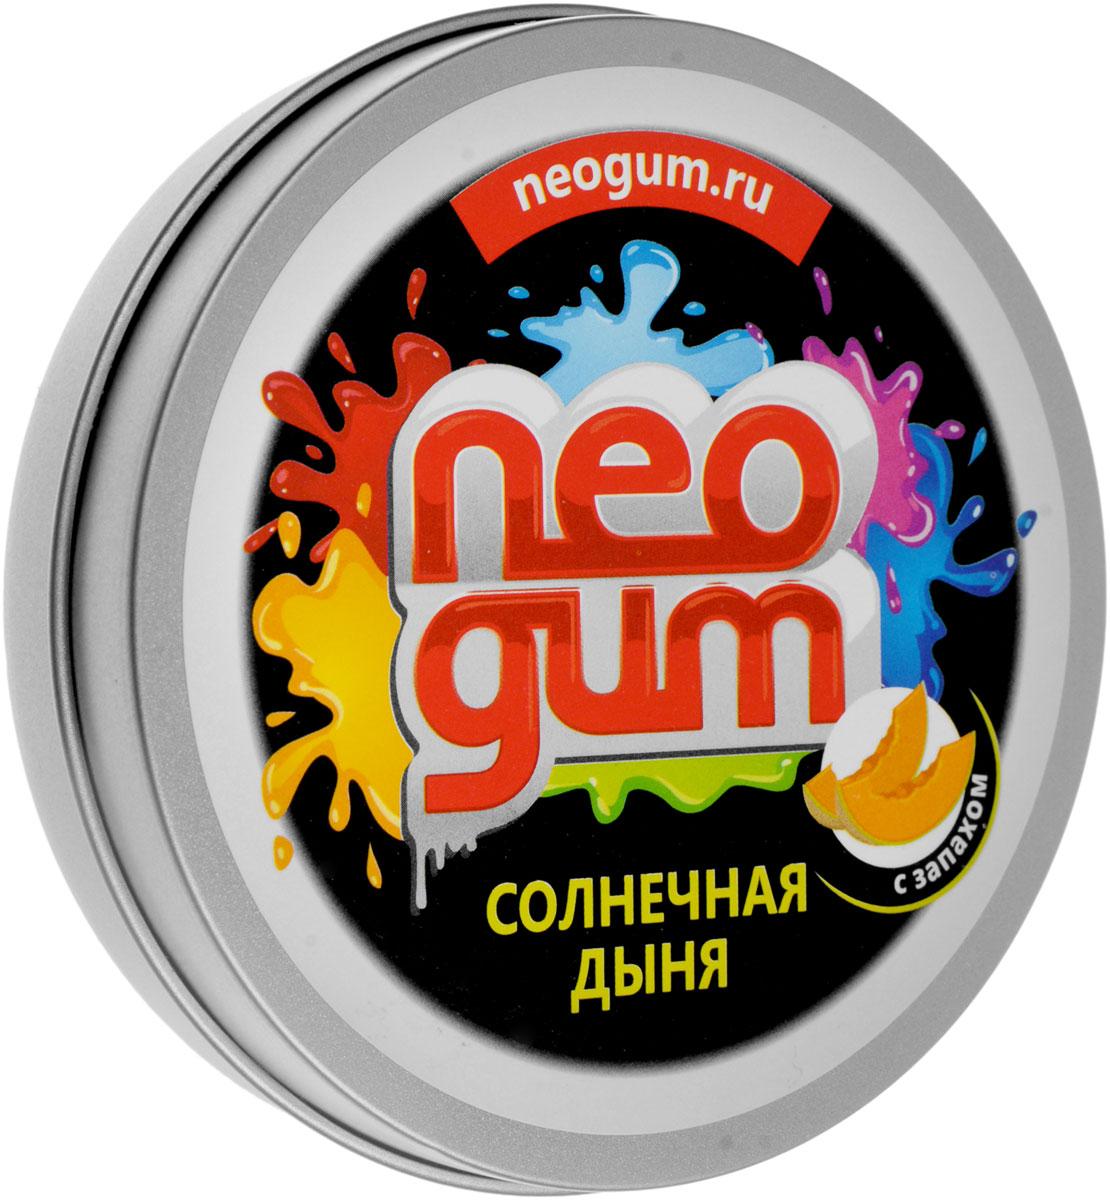 Neogum Жвачка для рук Солнечная дыня